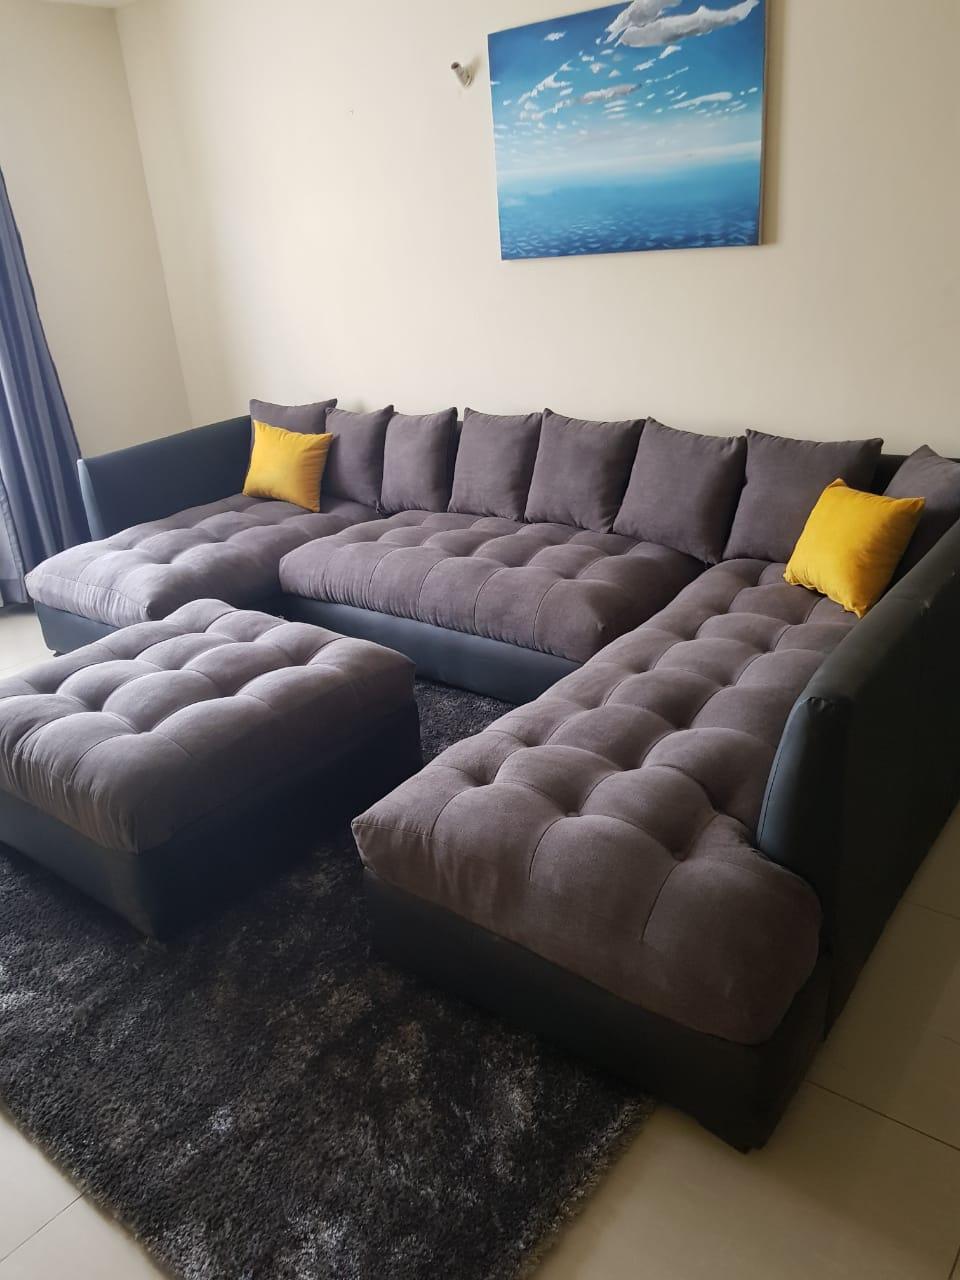 Furnished apartment Nakuru Milimani Area